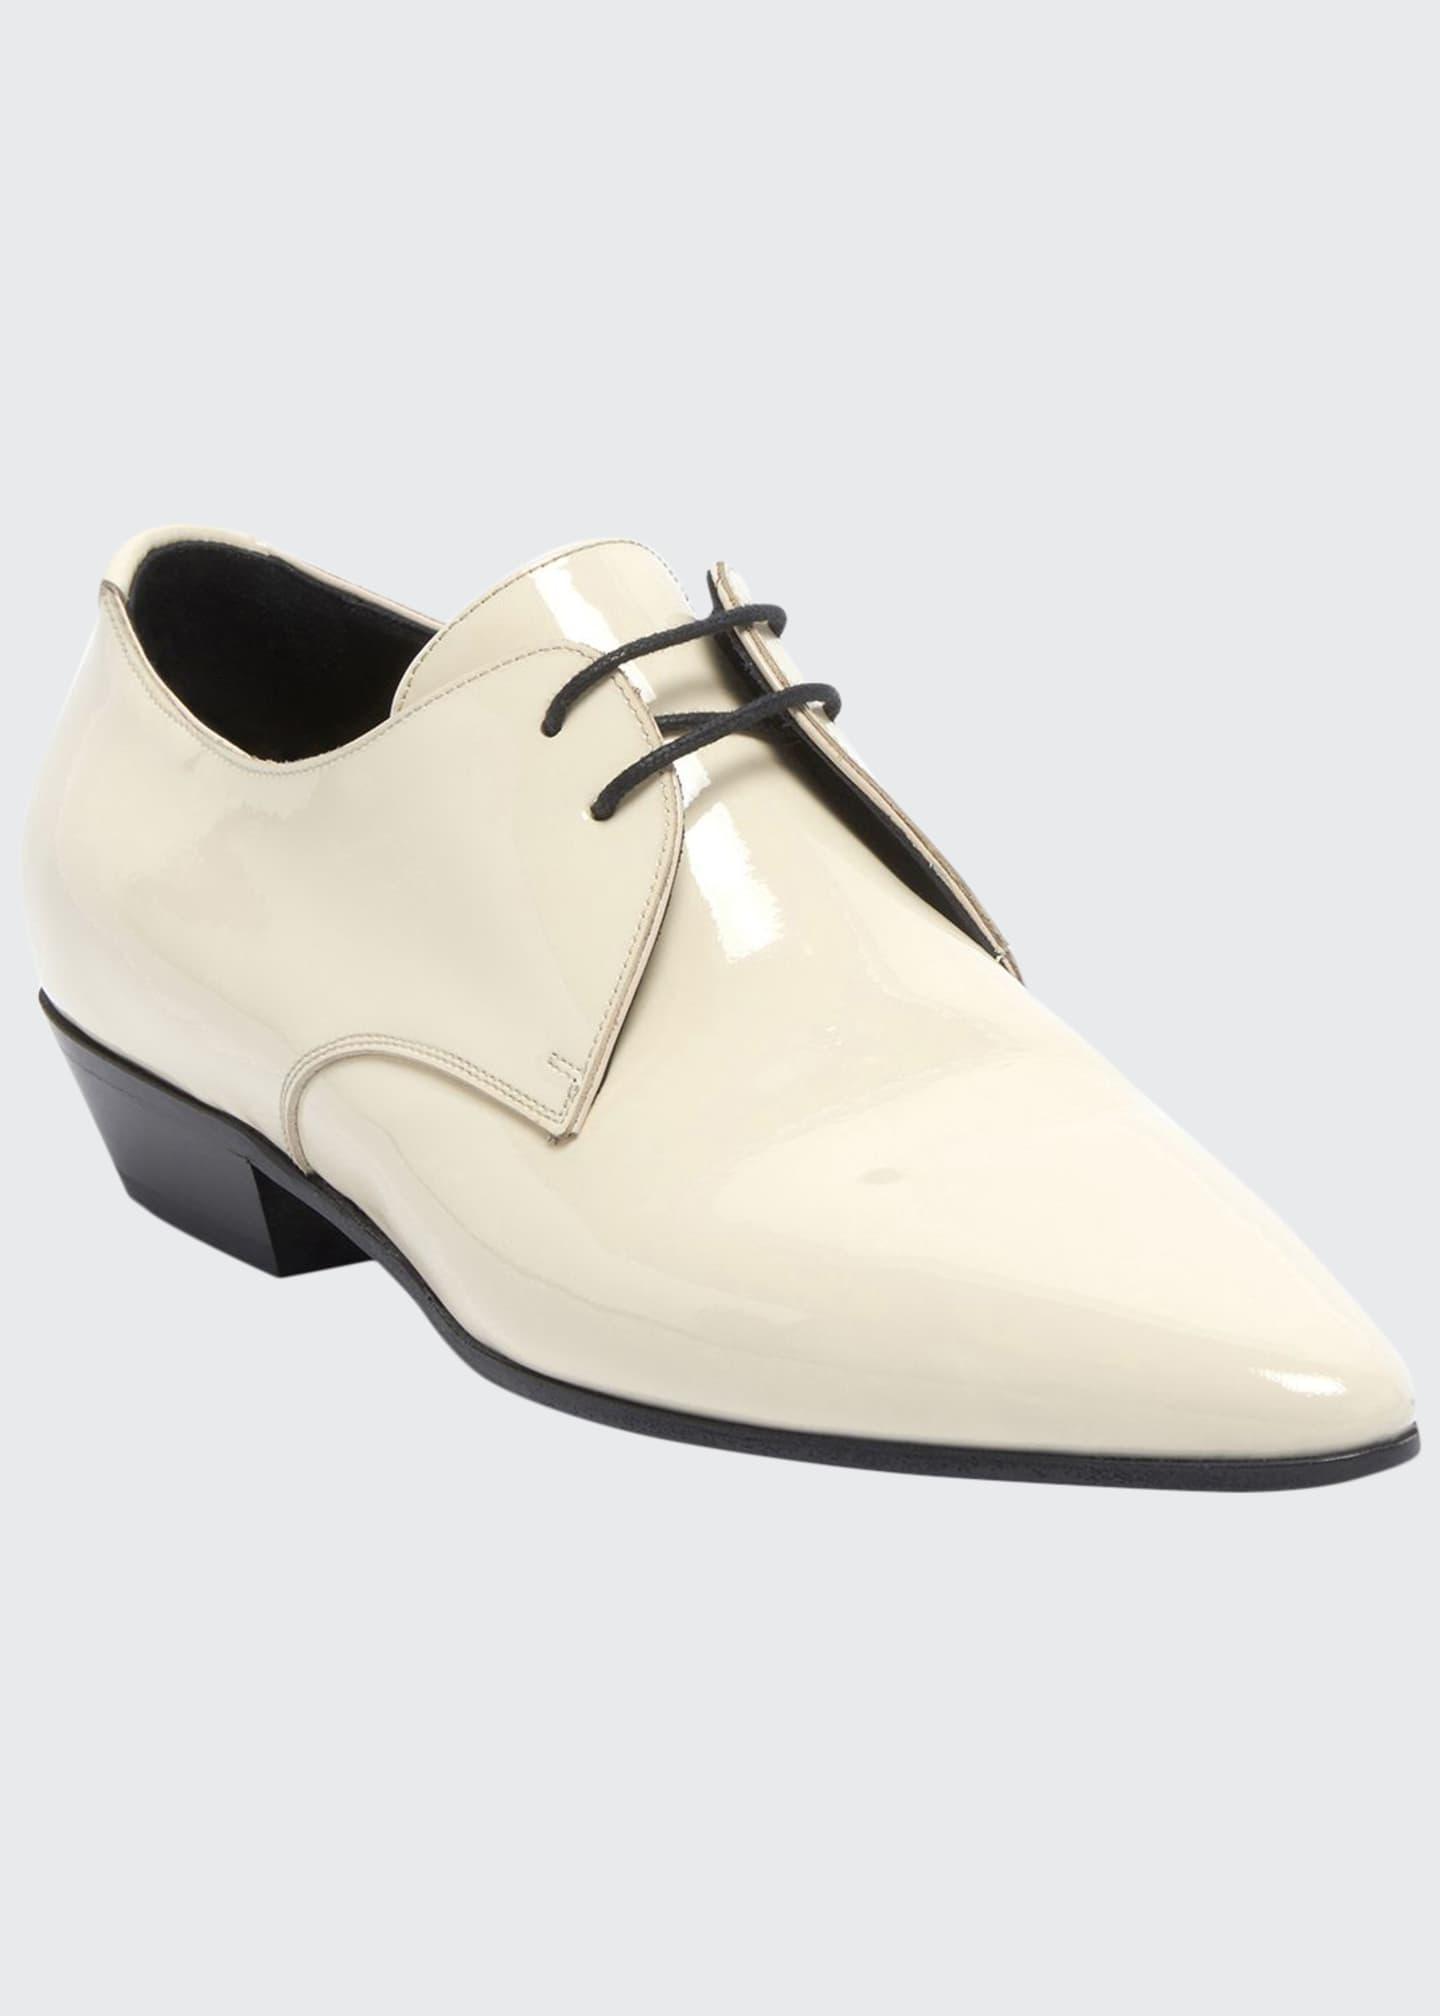 Saint Laurent Jonas Patent Lace-Up Loafers